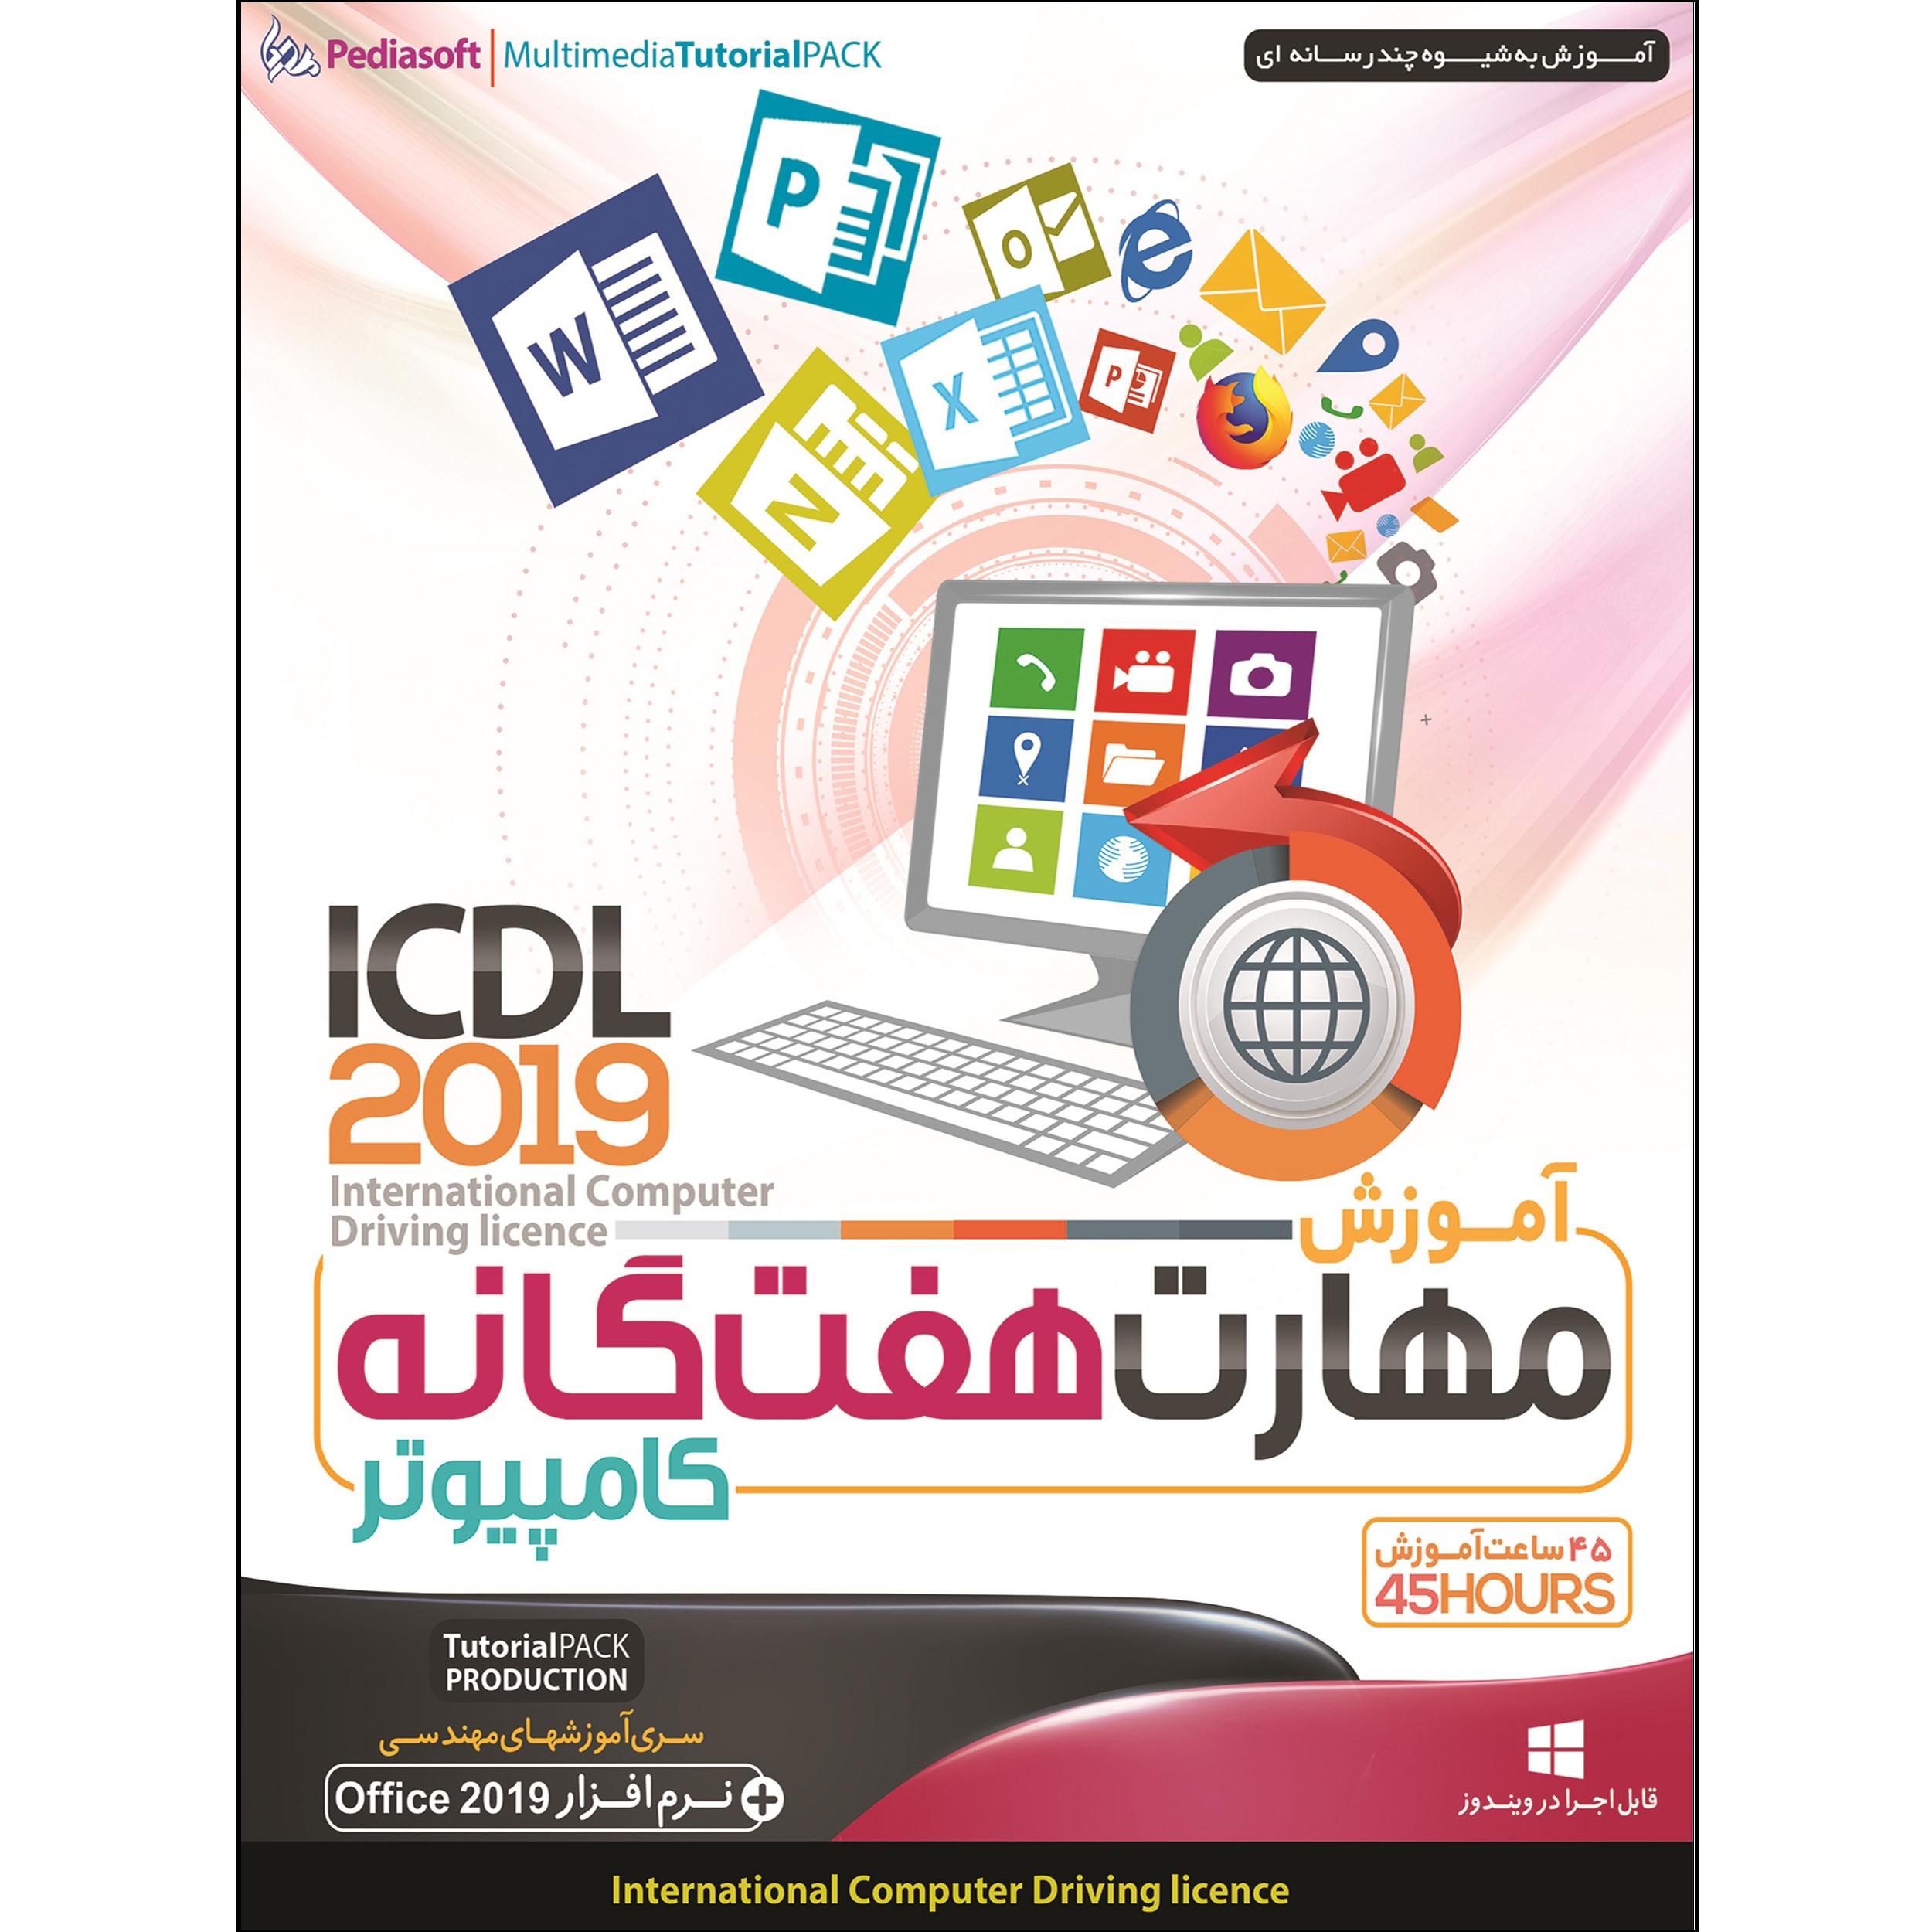 خرید اینترنتی نرم افزار آموزش مهارت هفتگانه کامپیوتر ICDL 2019 نشر پدیا سافت